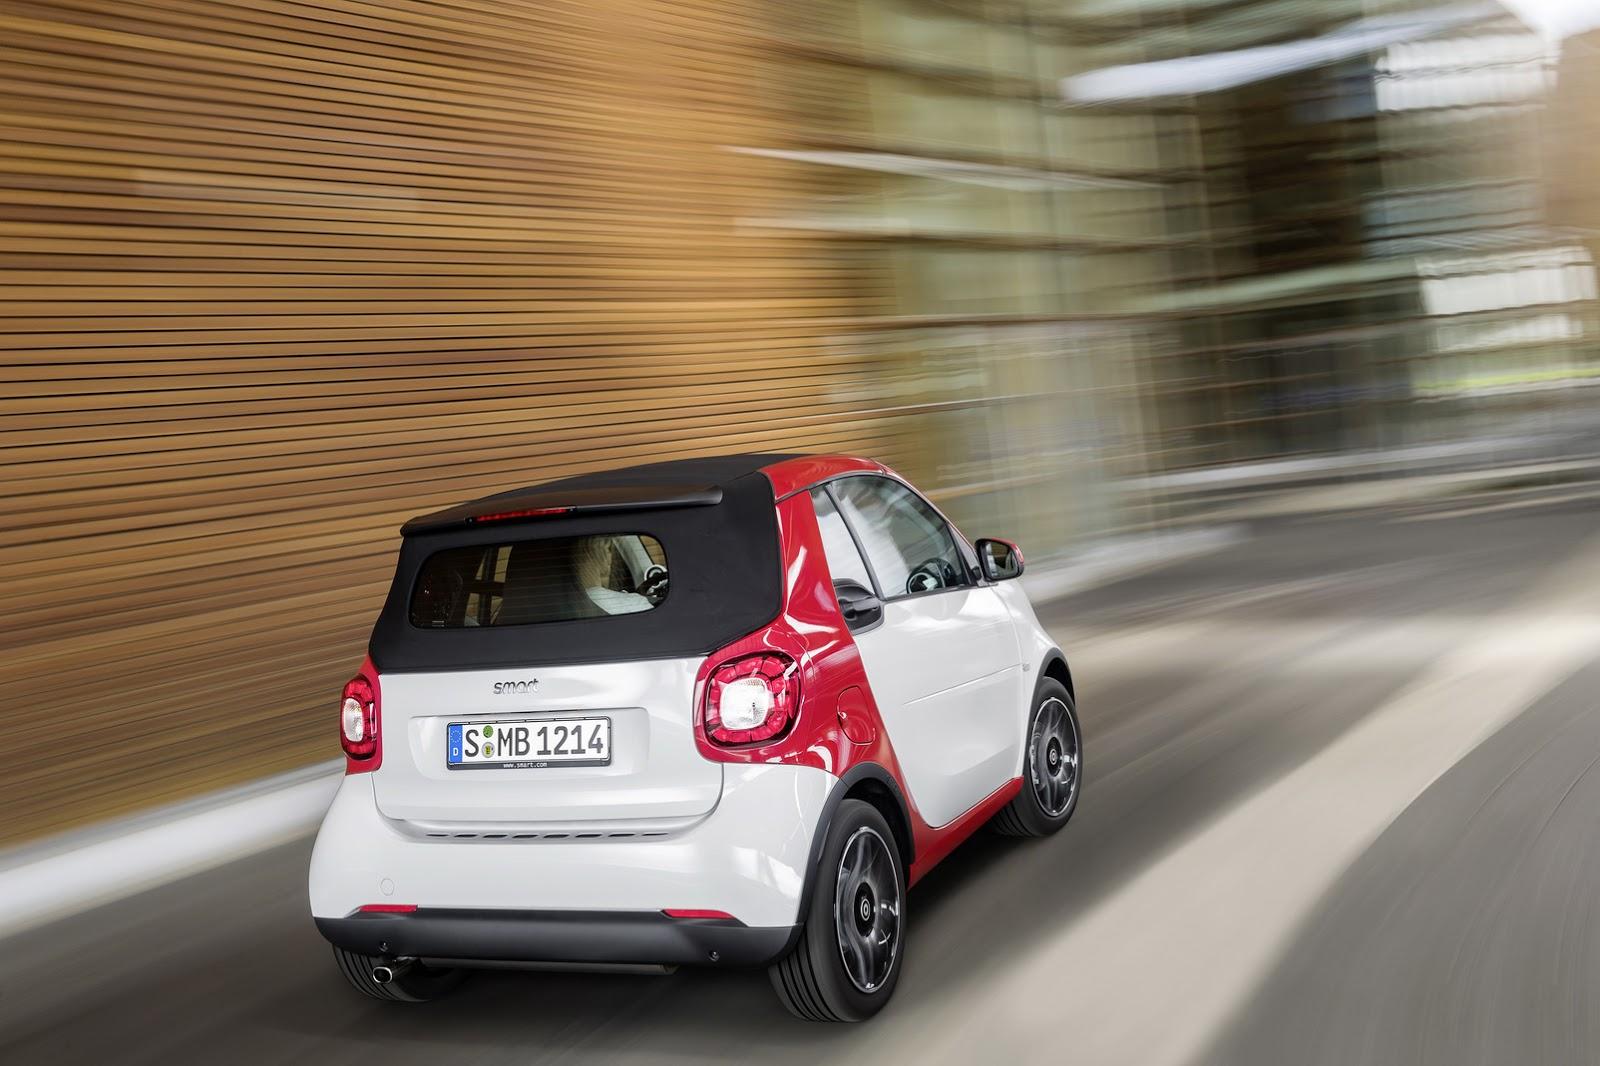 Bỏ ra số tiền trên, khách hàng Mỹ có thể mua Smart ForTwo Cabriolet bản tiêu chuẩn có tên Passion. Bản trang bị này được trang bị hộp số sàn 5 cấp.